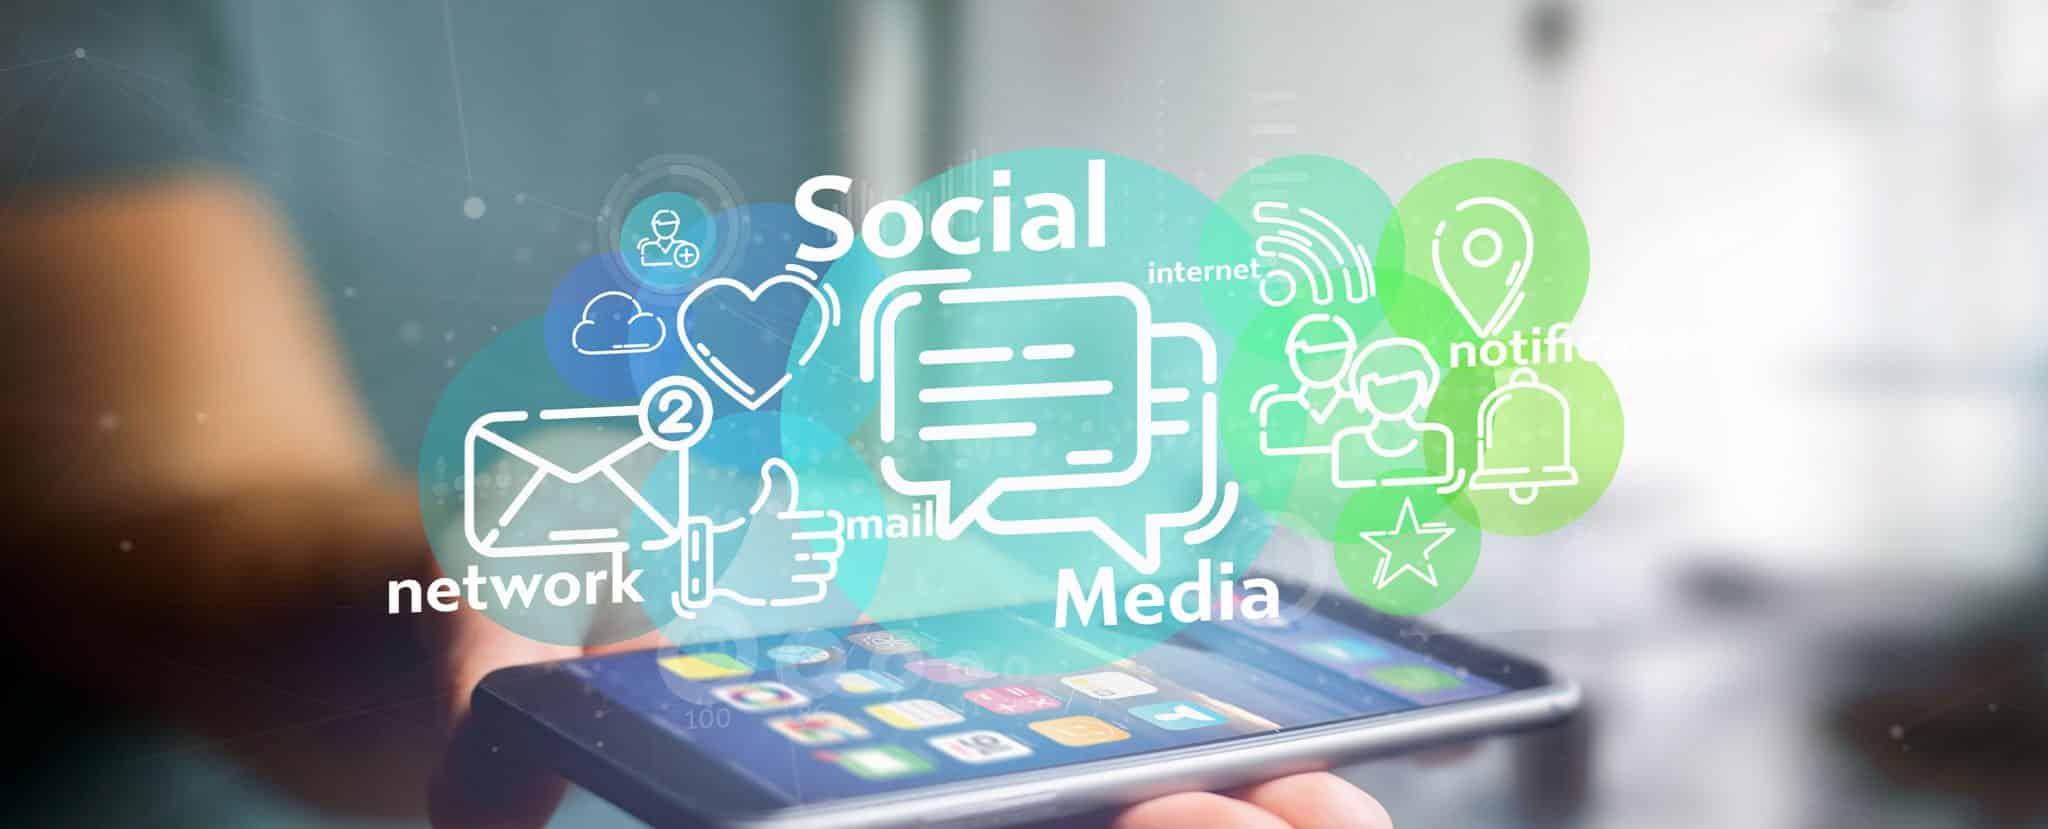 Digitale Kundengewinnung – Social Selling!